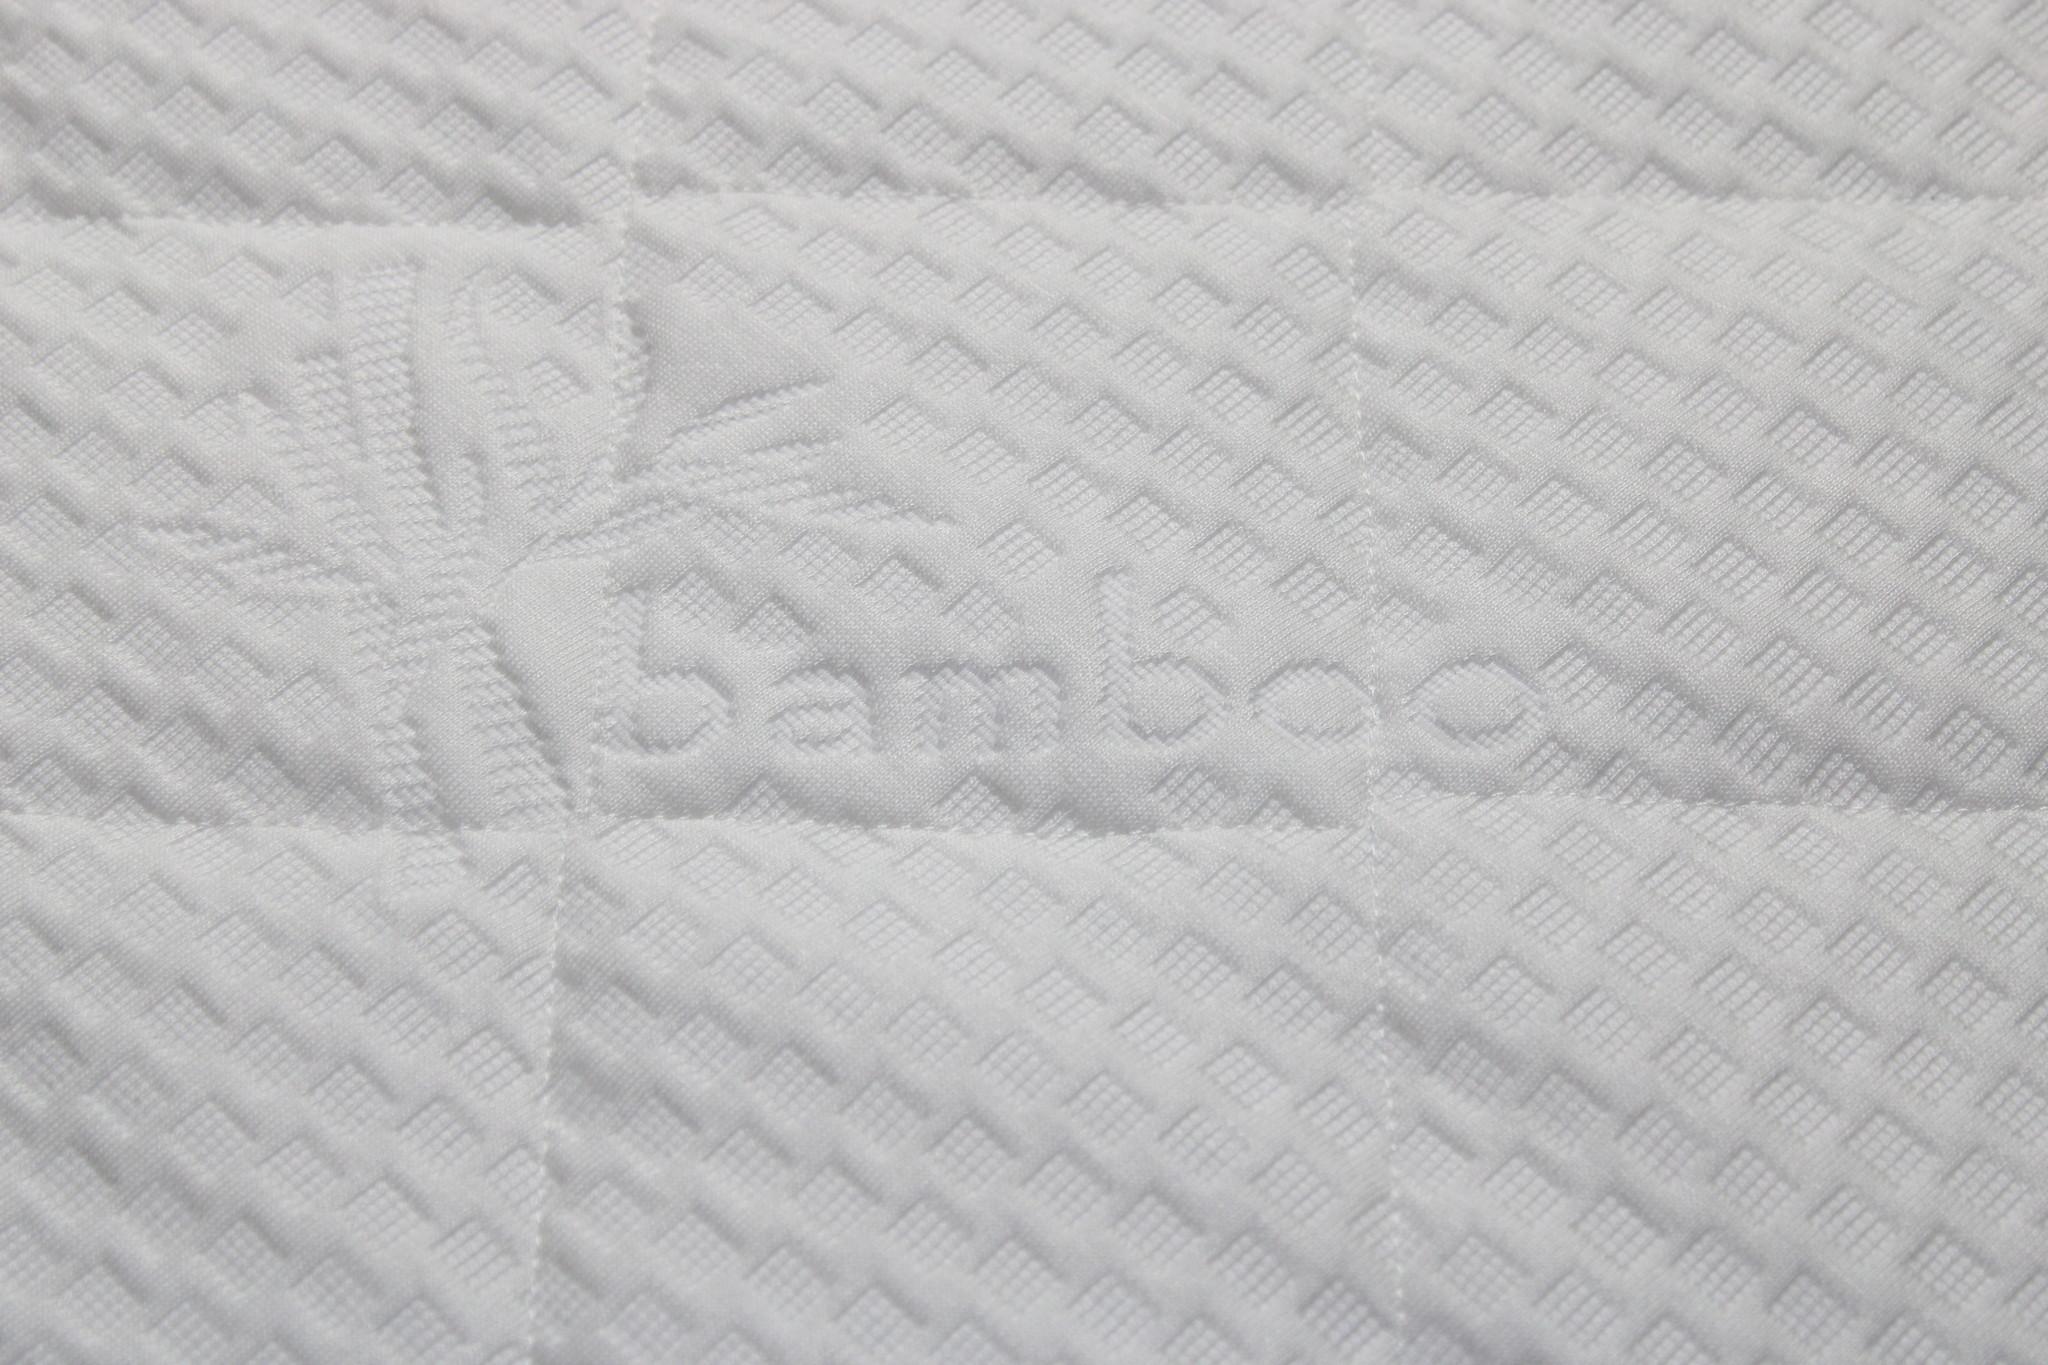 Sarpy Babymatras 55x110 koudschuim HR55 bamboo